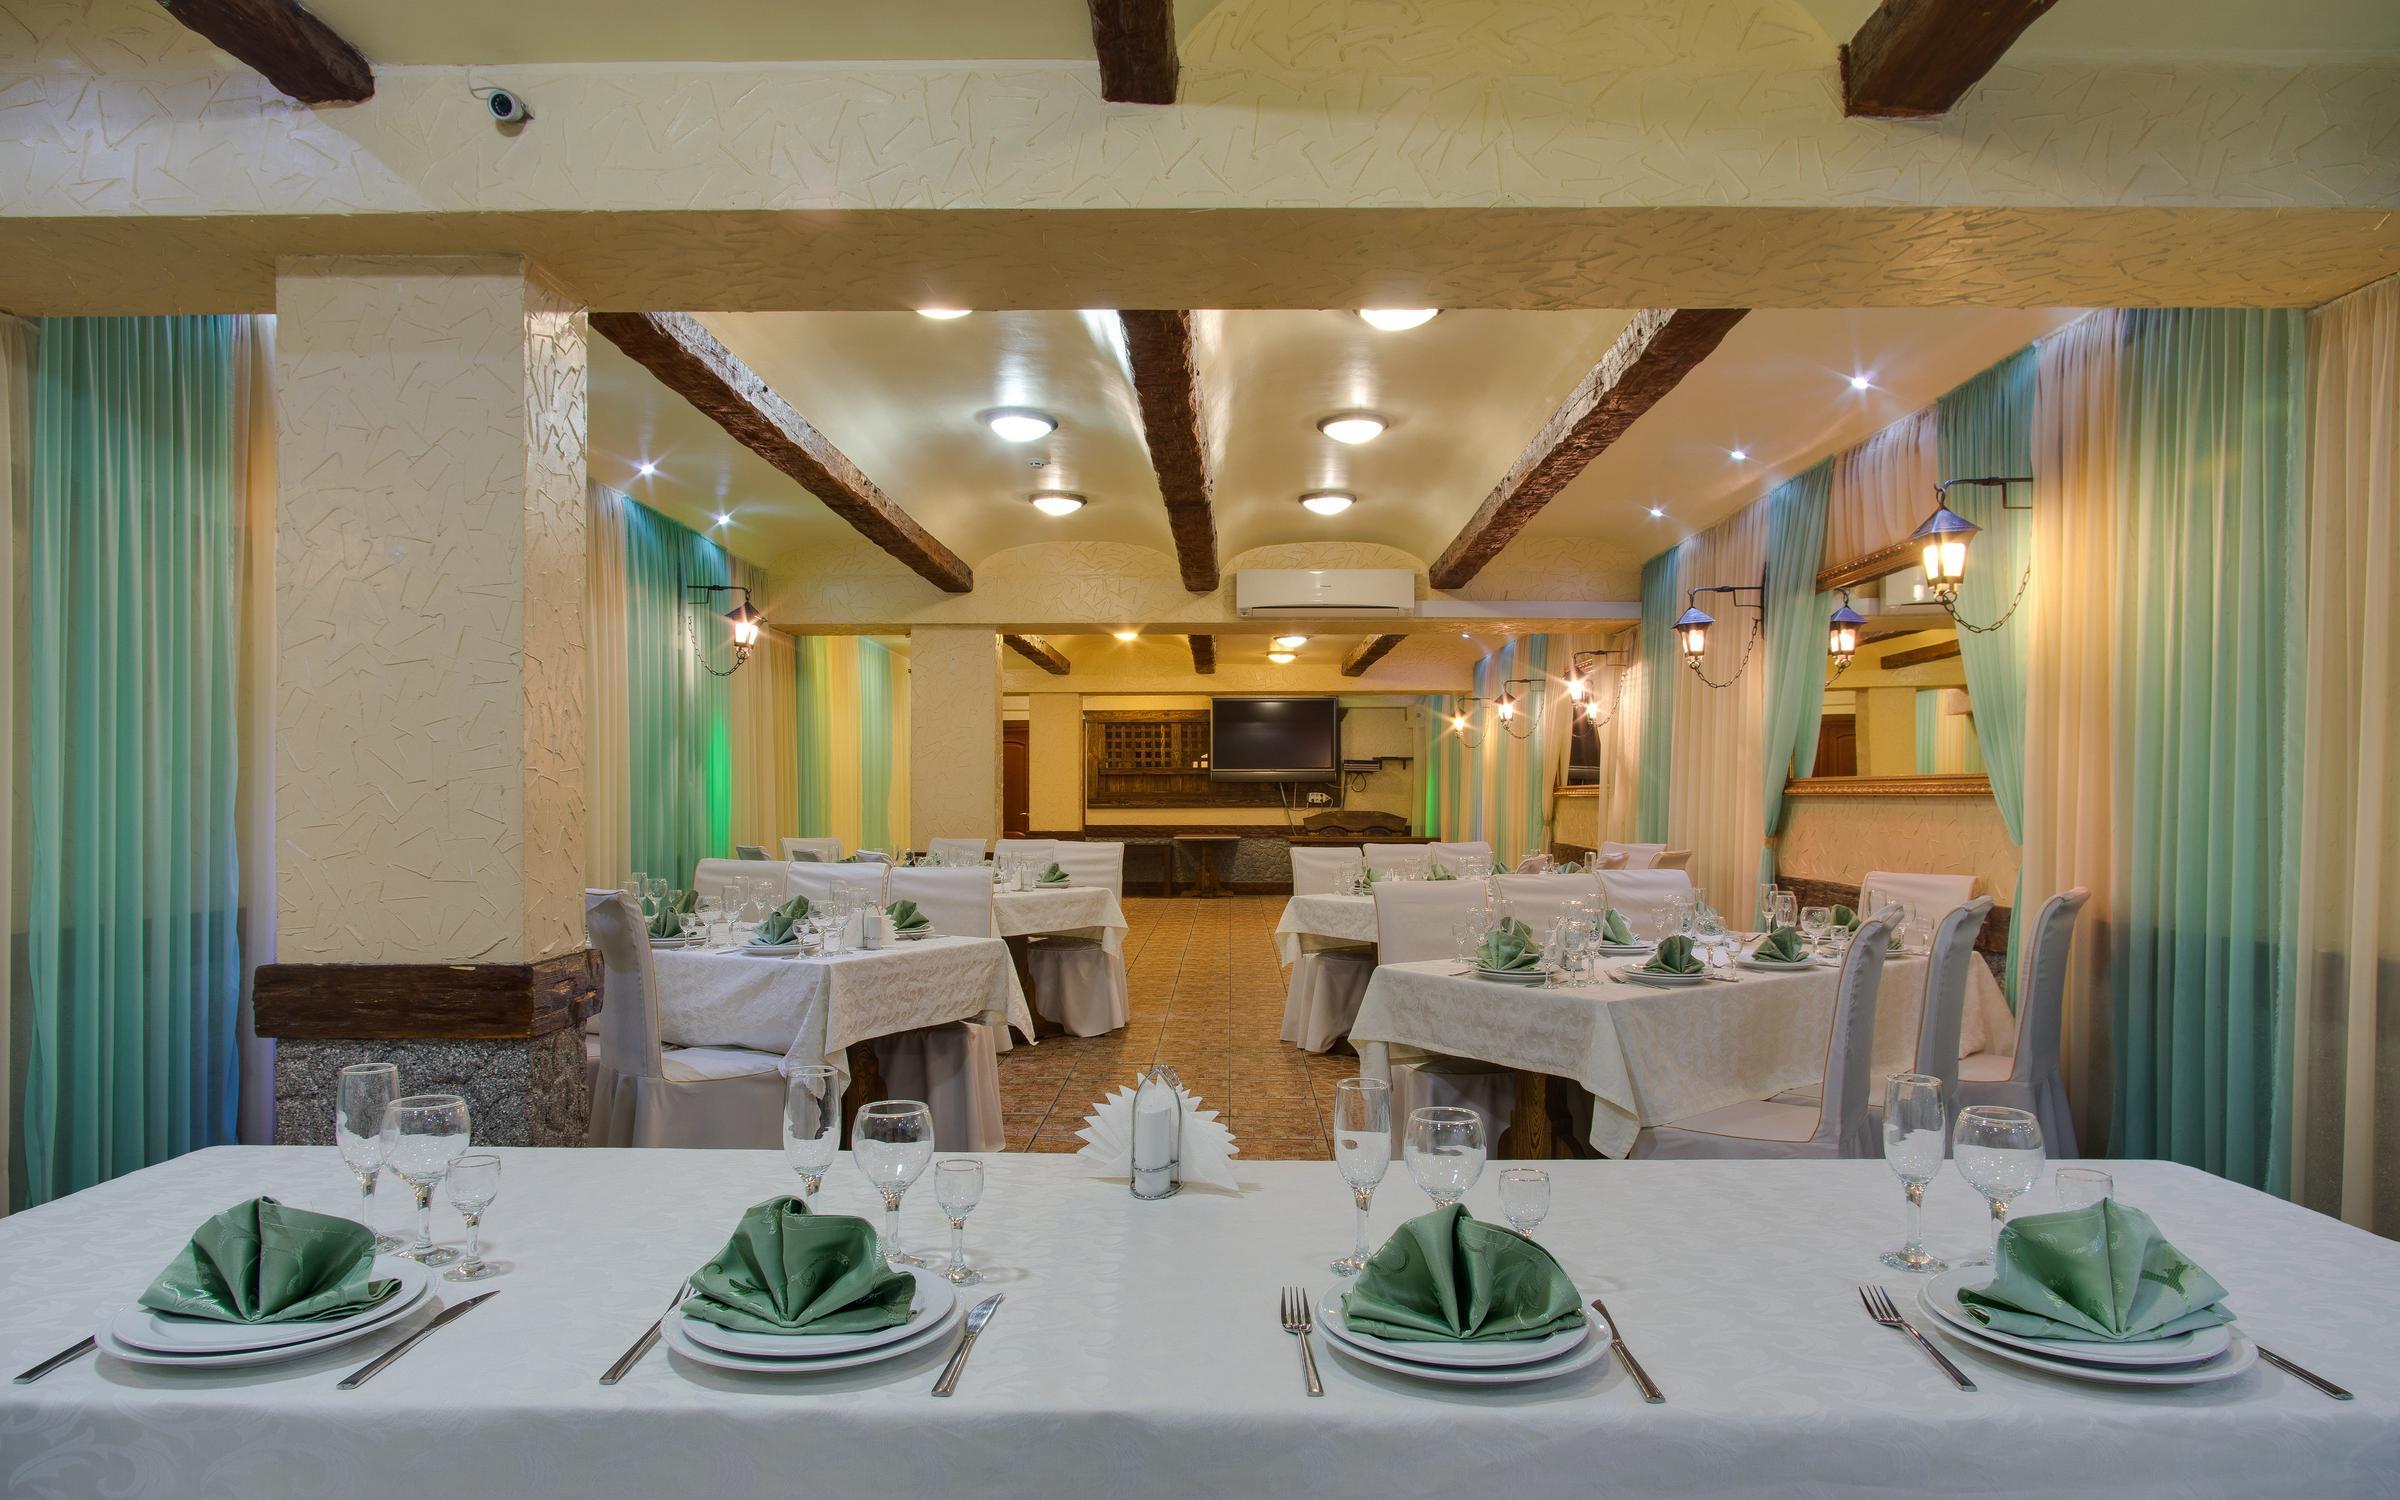 фотография Ресторана Золотое время в Царицыно